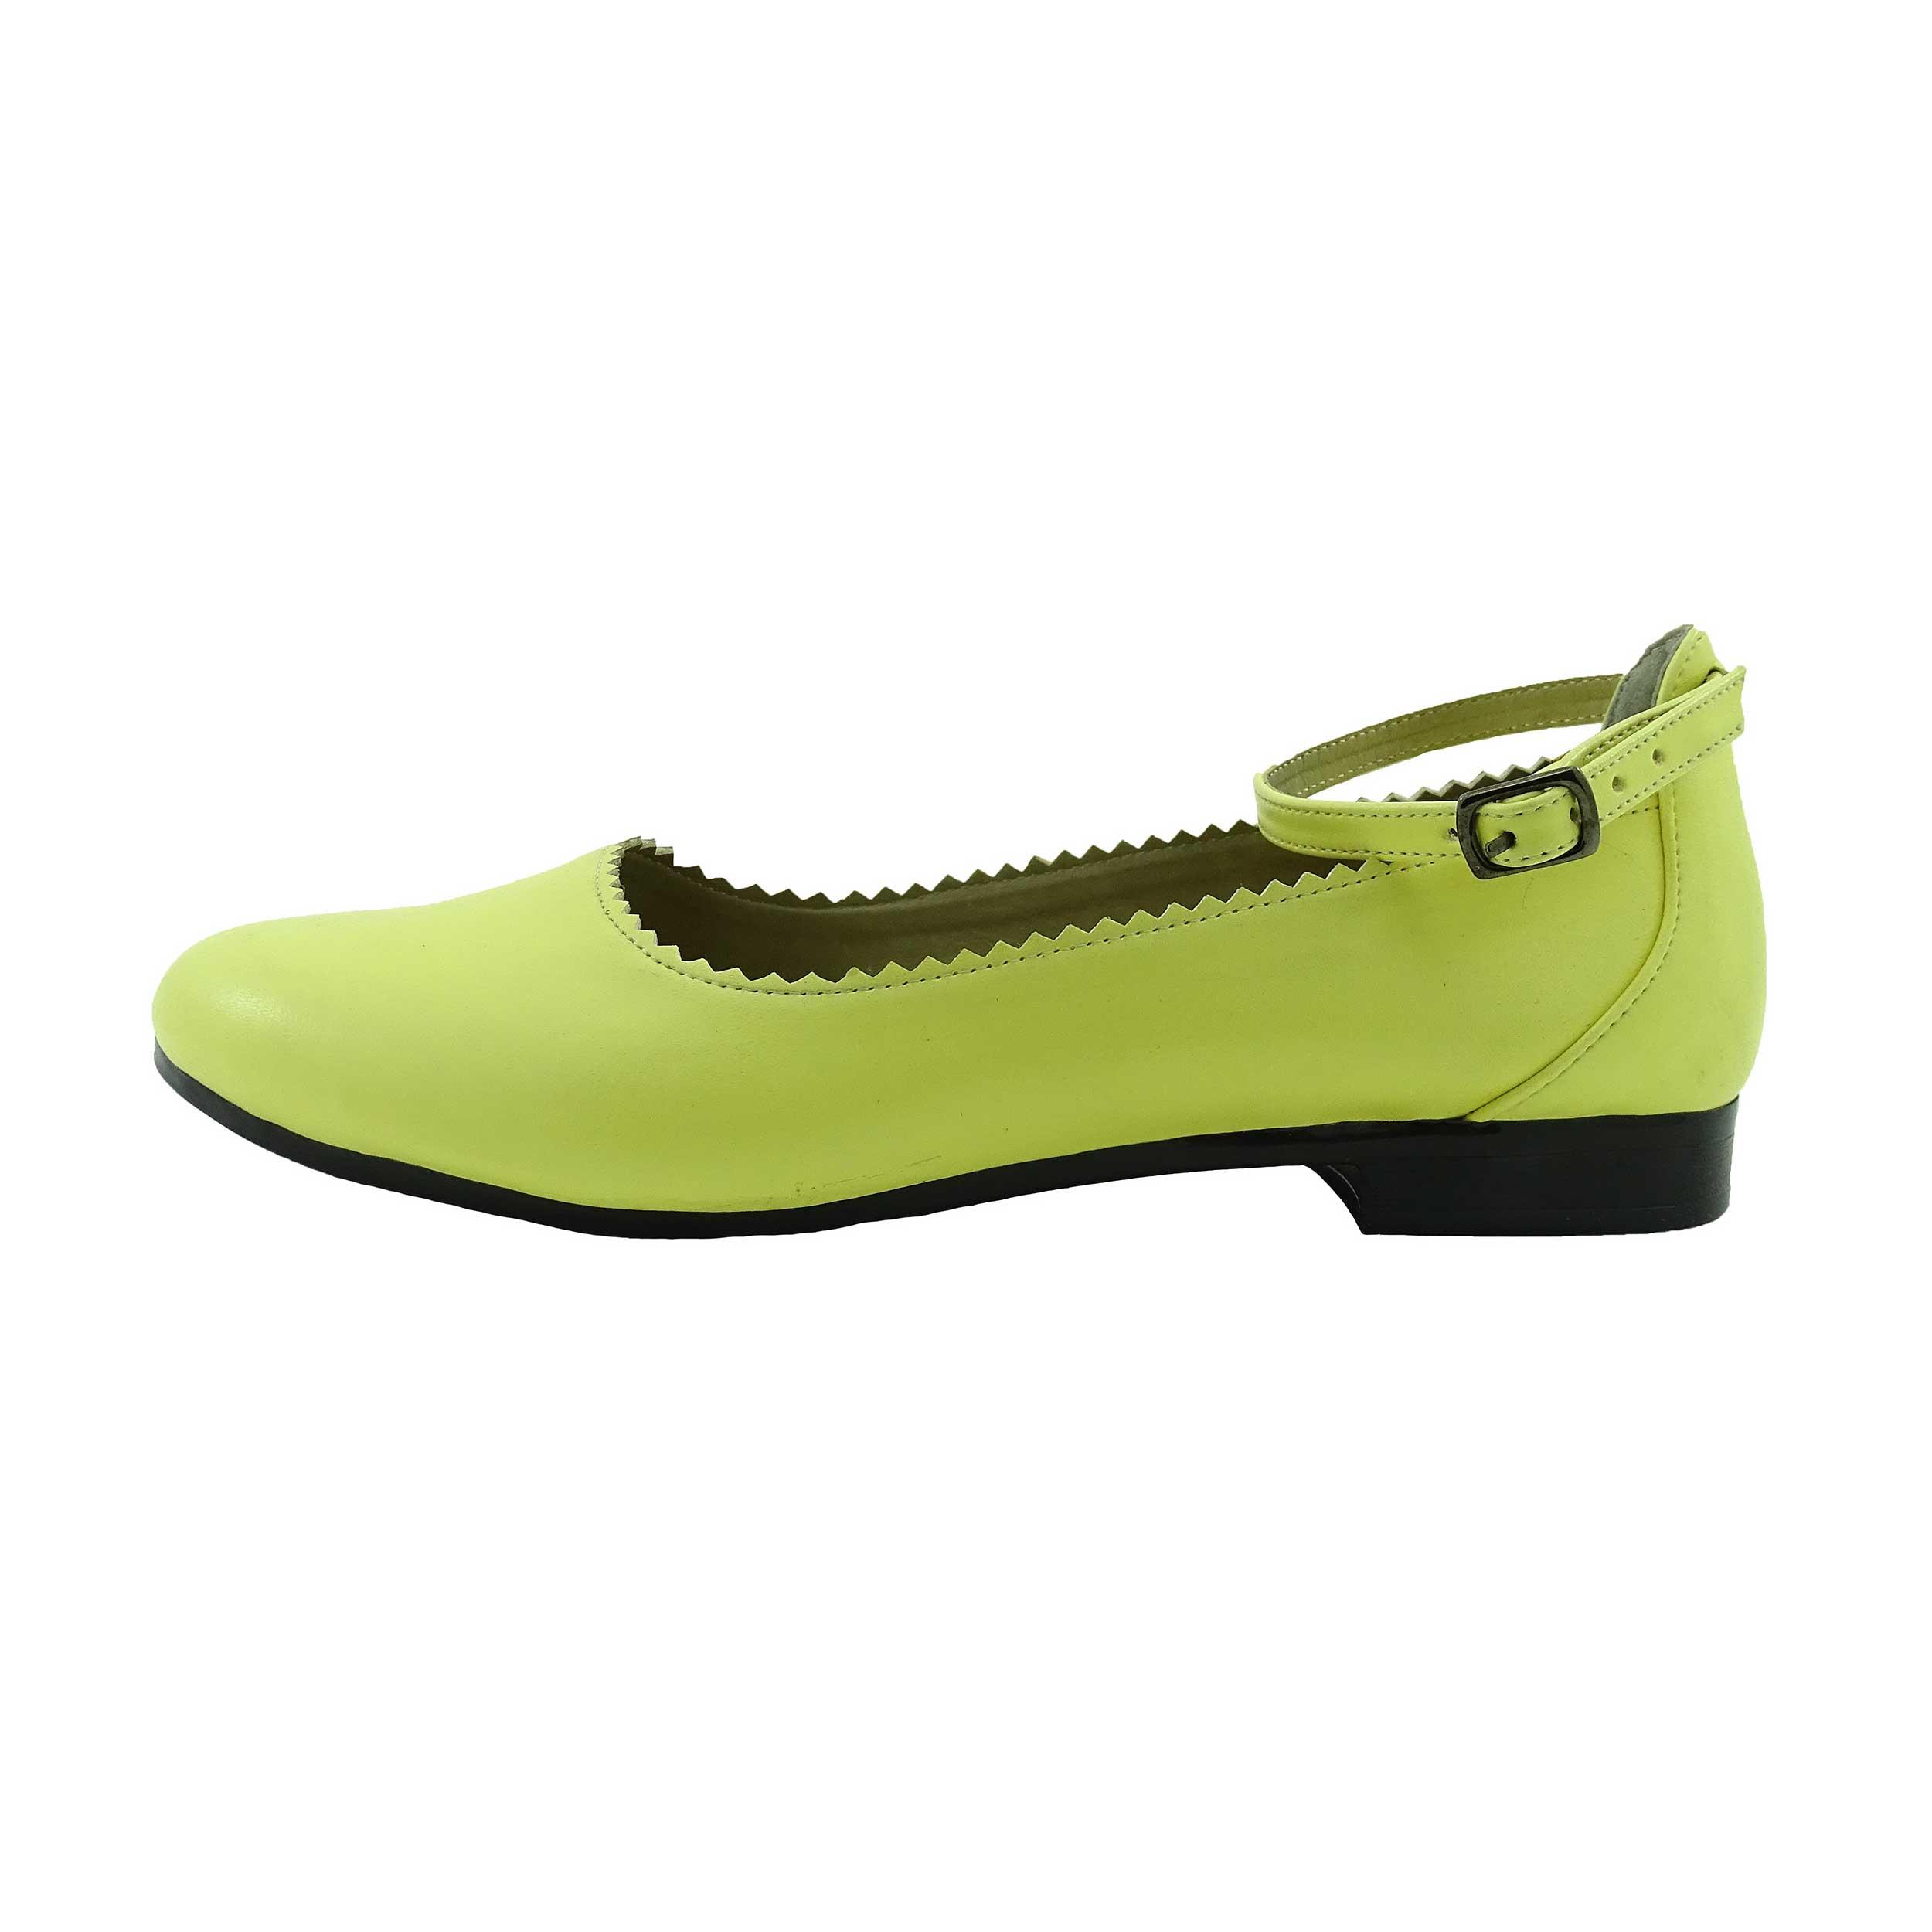 قیمت کفش دخترانه آذاردو مدل W01721